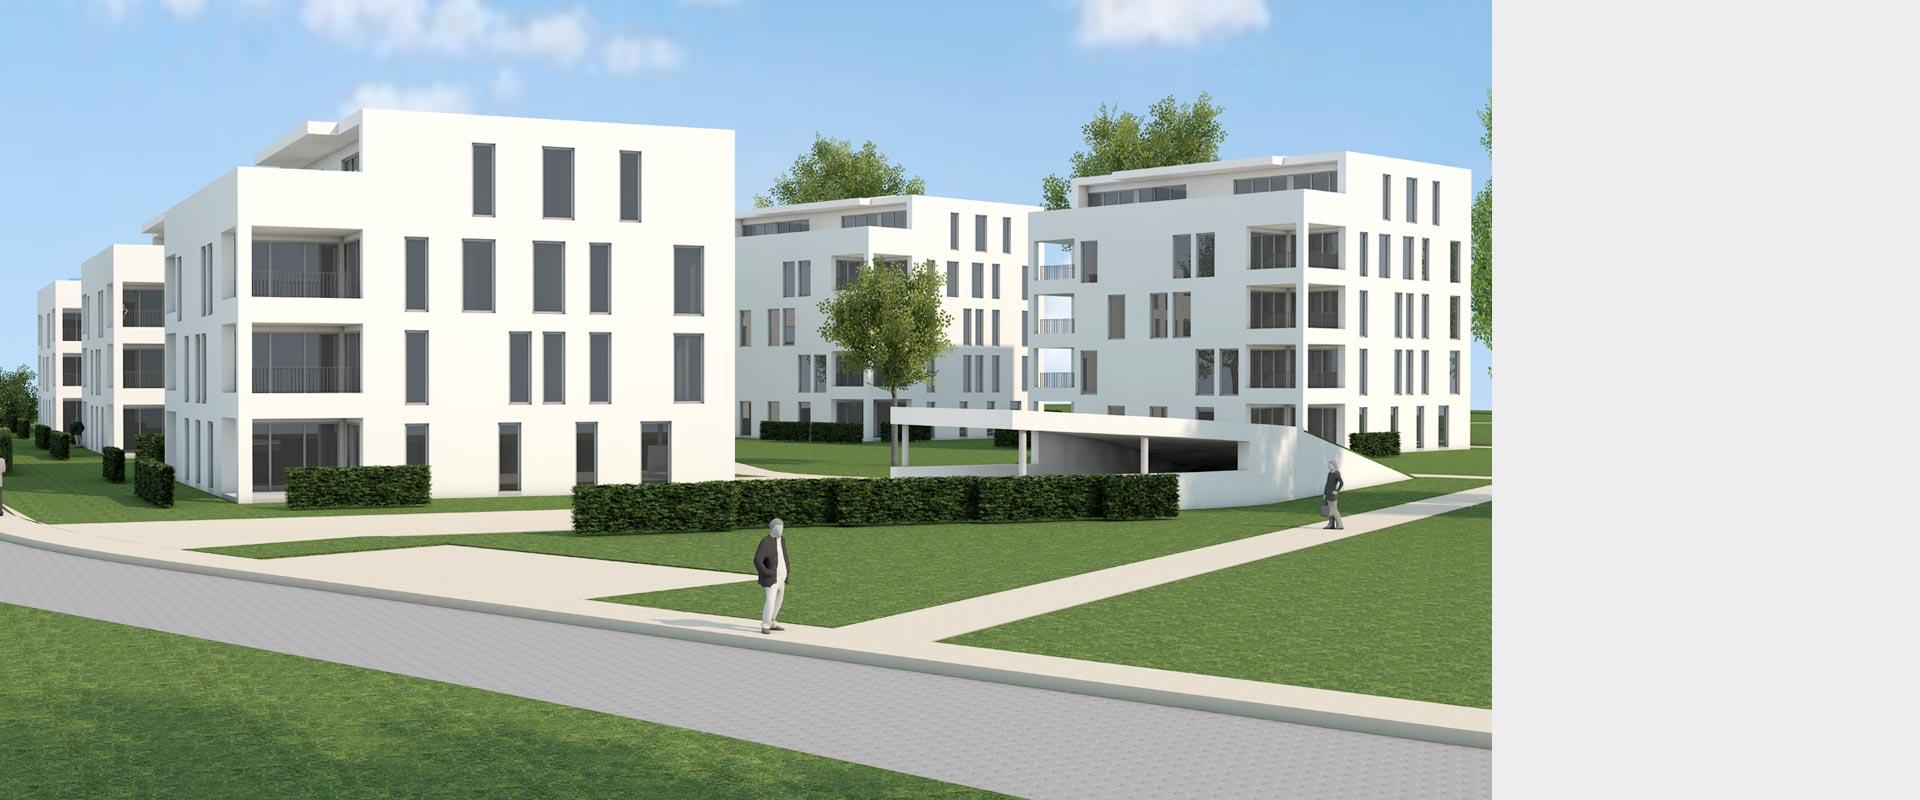 Architekturbüro Musahl Waldshut Wohnanlage Neunschwanz in Kadelburg